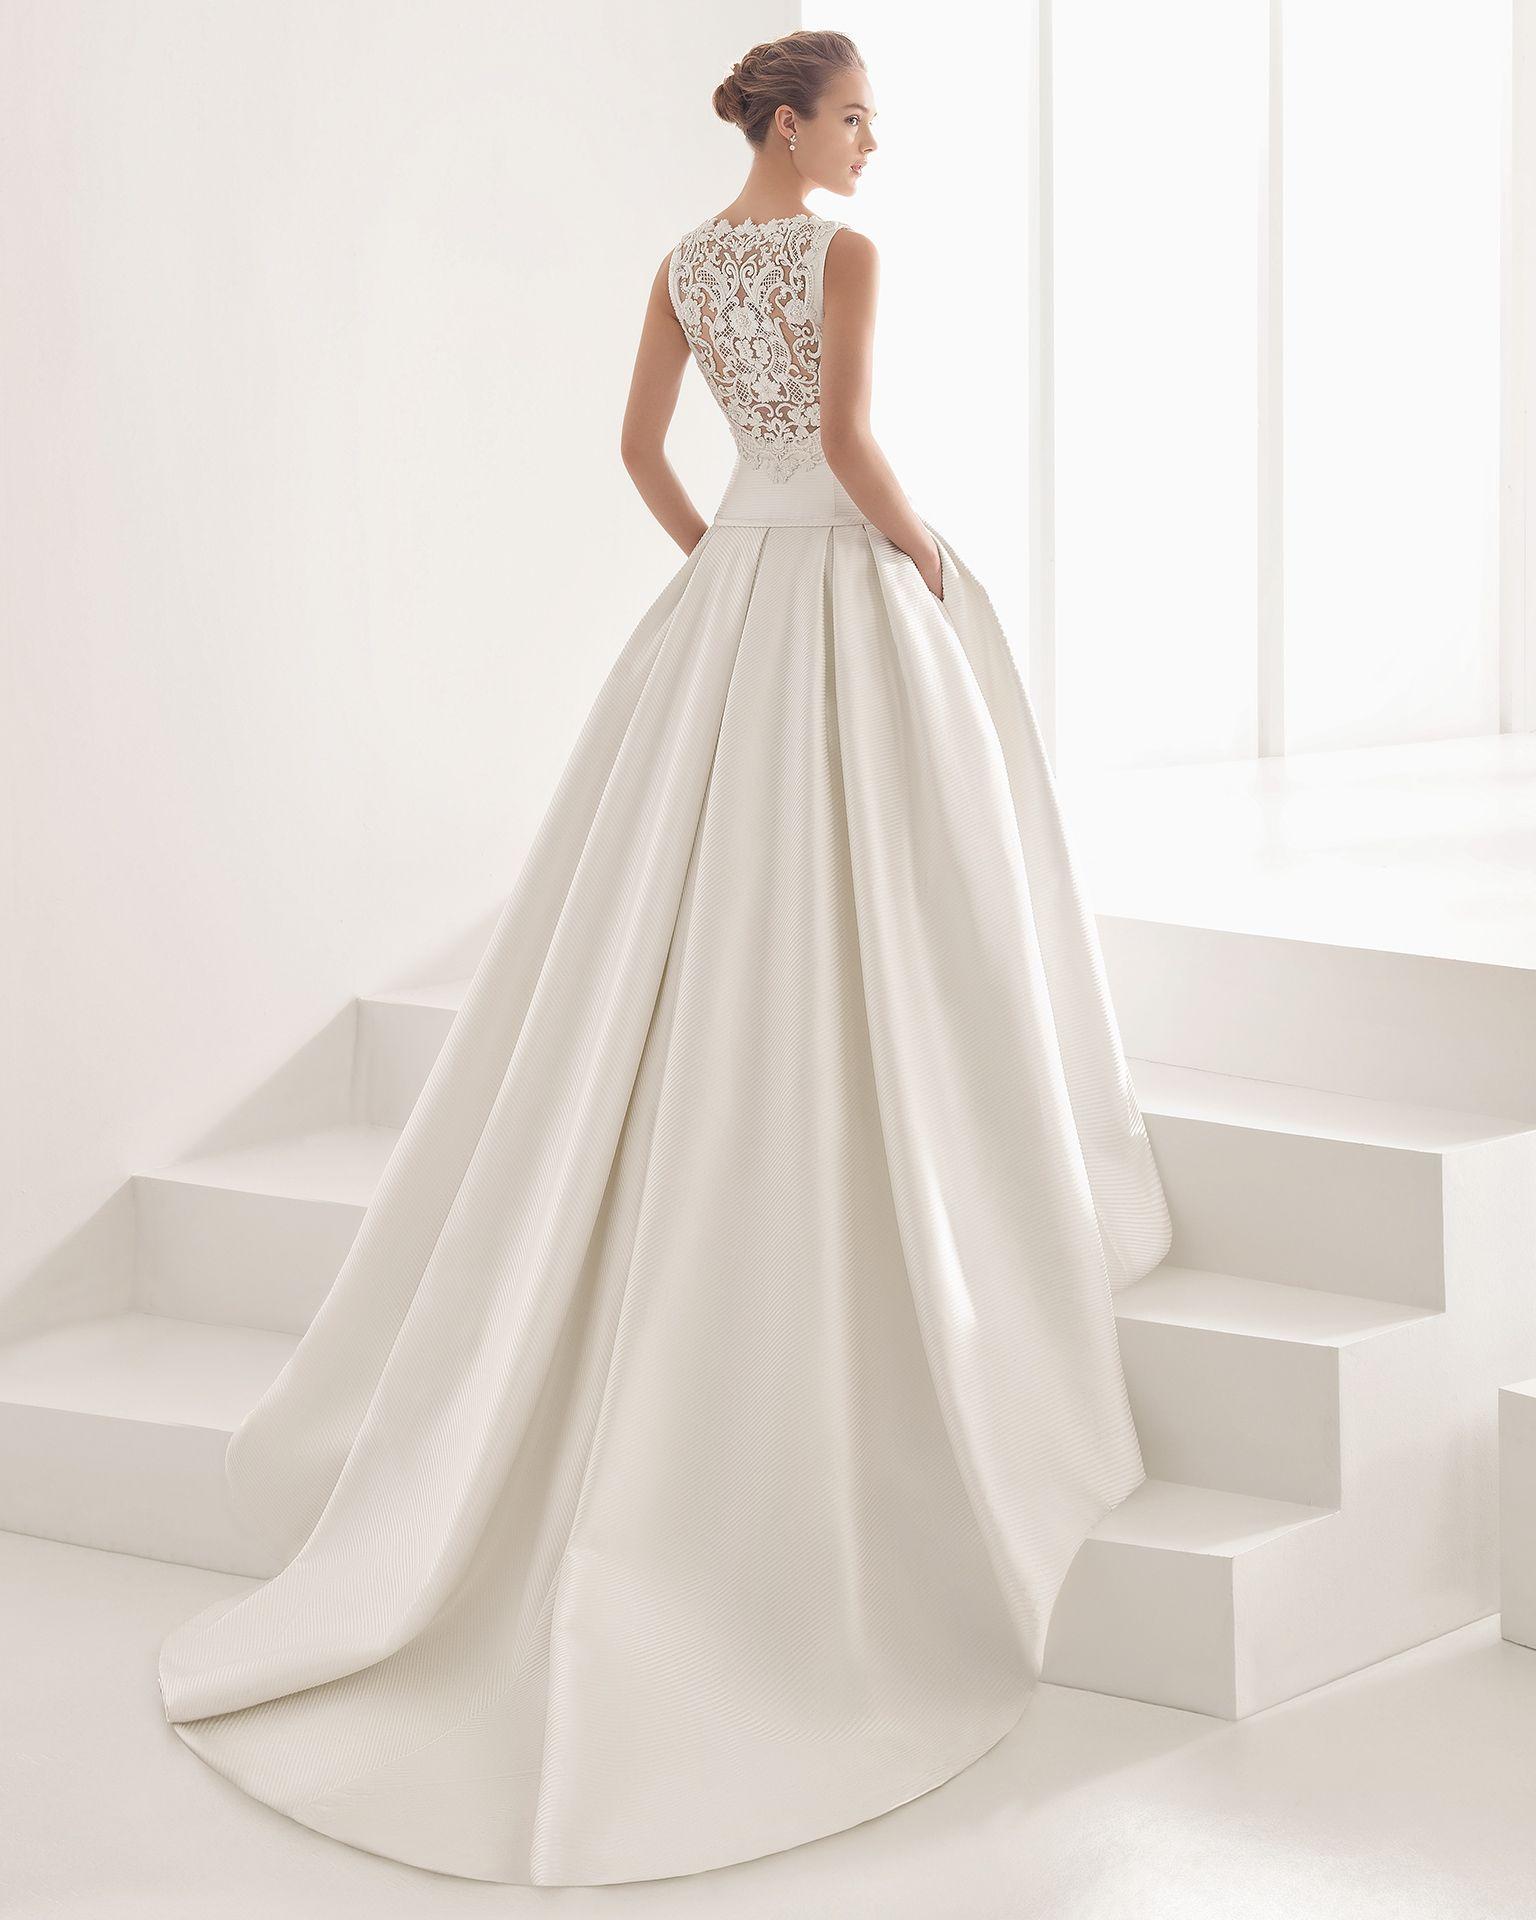 Abendkleider Für Hochzeit   Zweiteiliges Taft Kleider Für Mutter Der ... 7fd356acc2